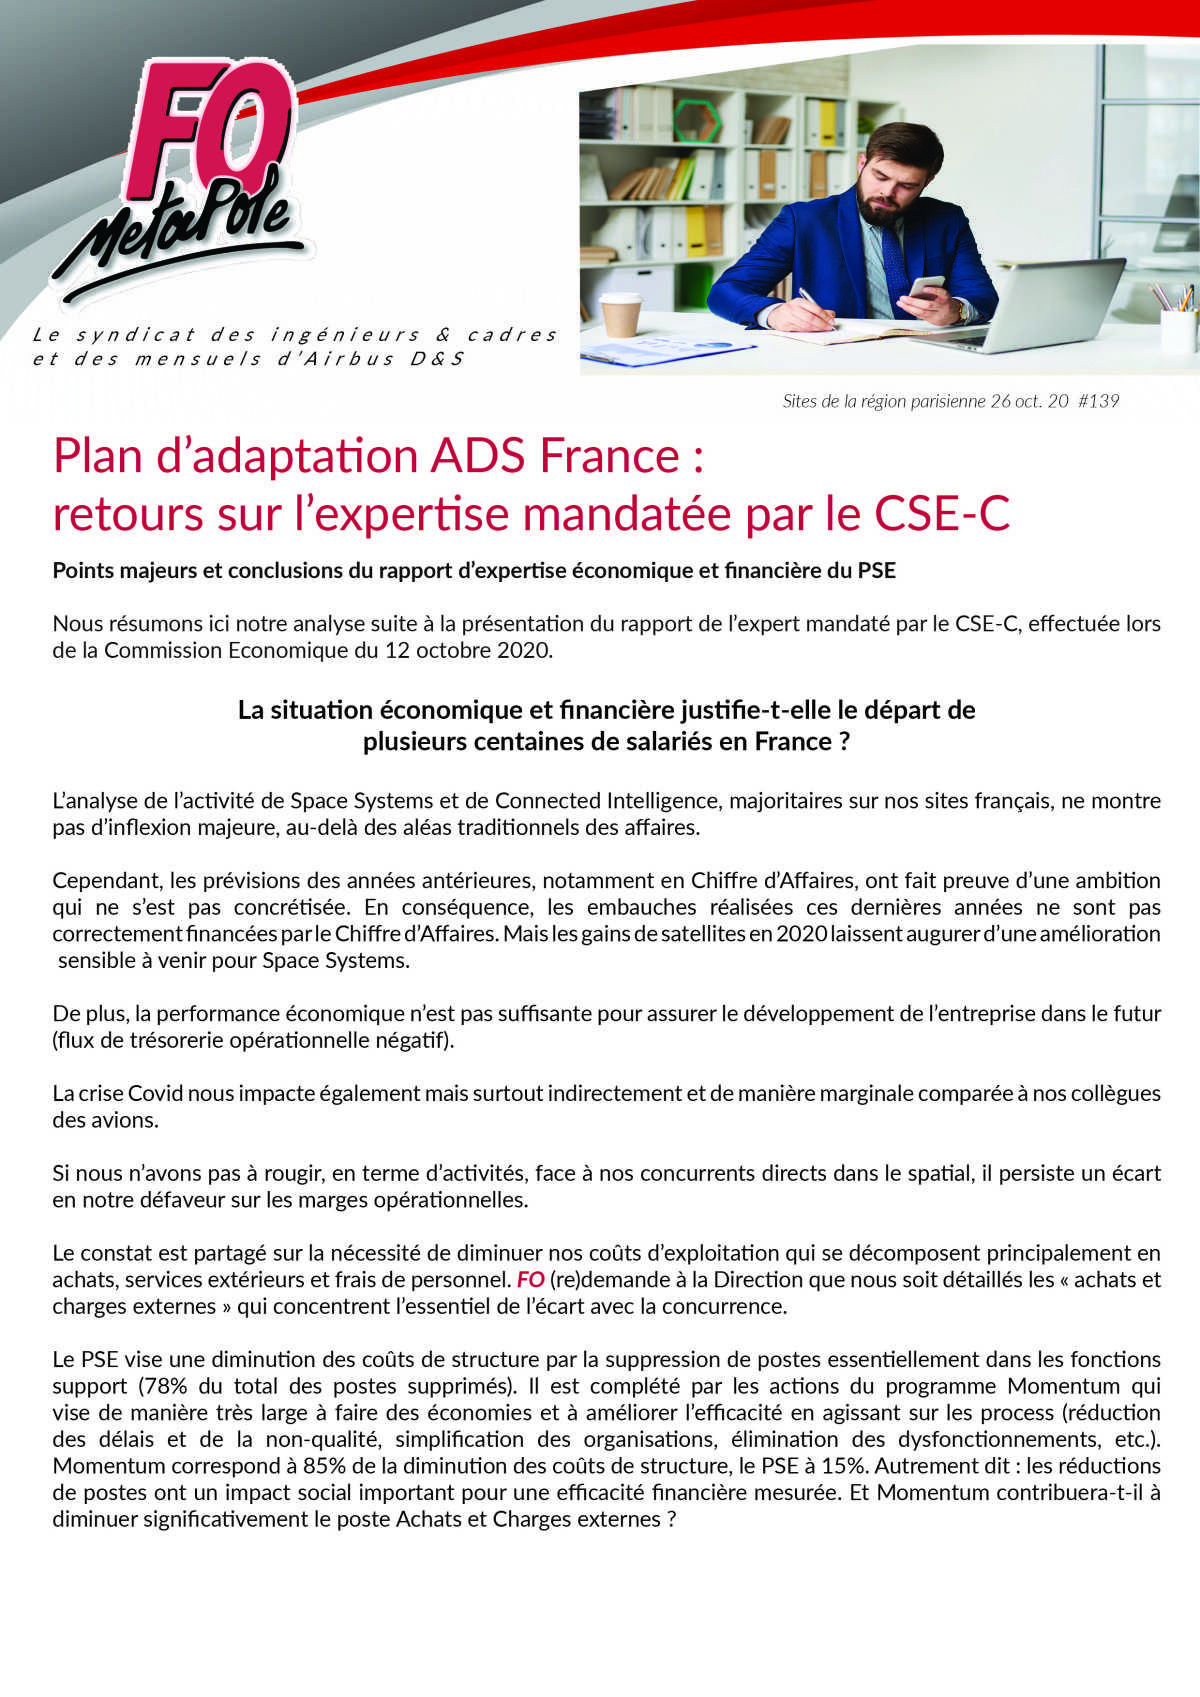 Plan d'adaptation ADS France : retours sur l'expertise mandatée par le CSE-C